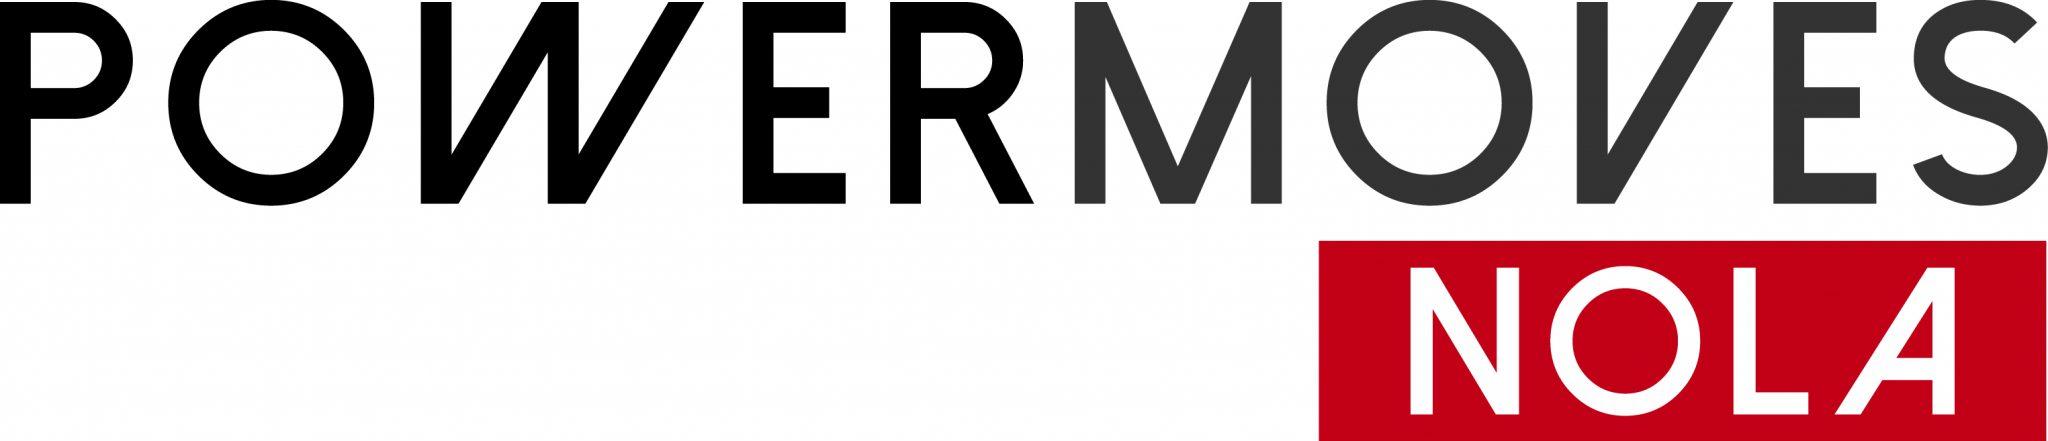 power moves nola logo